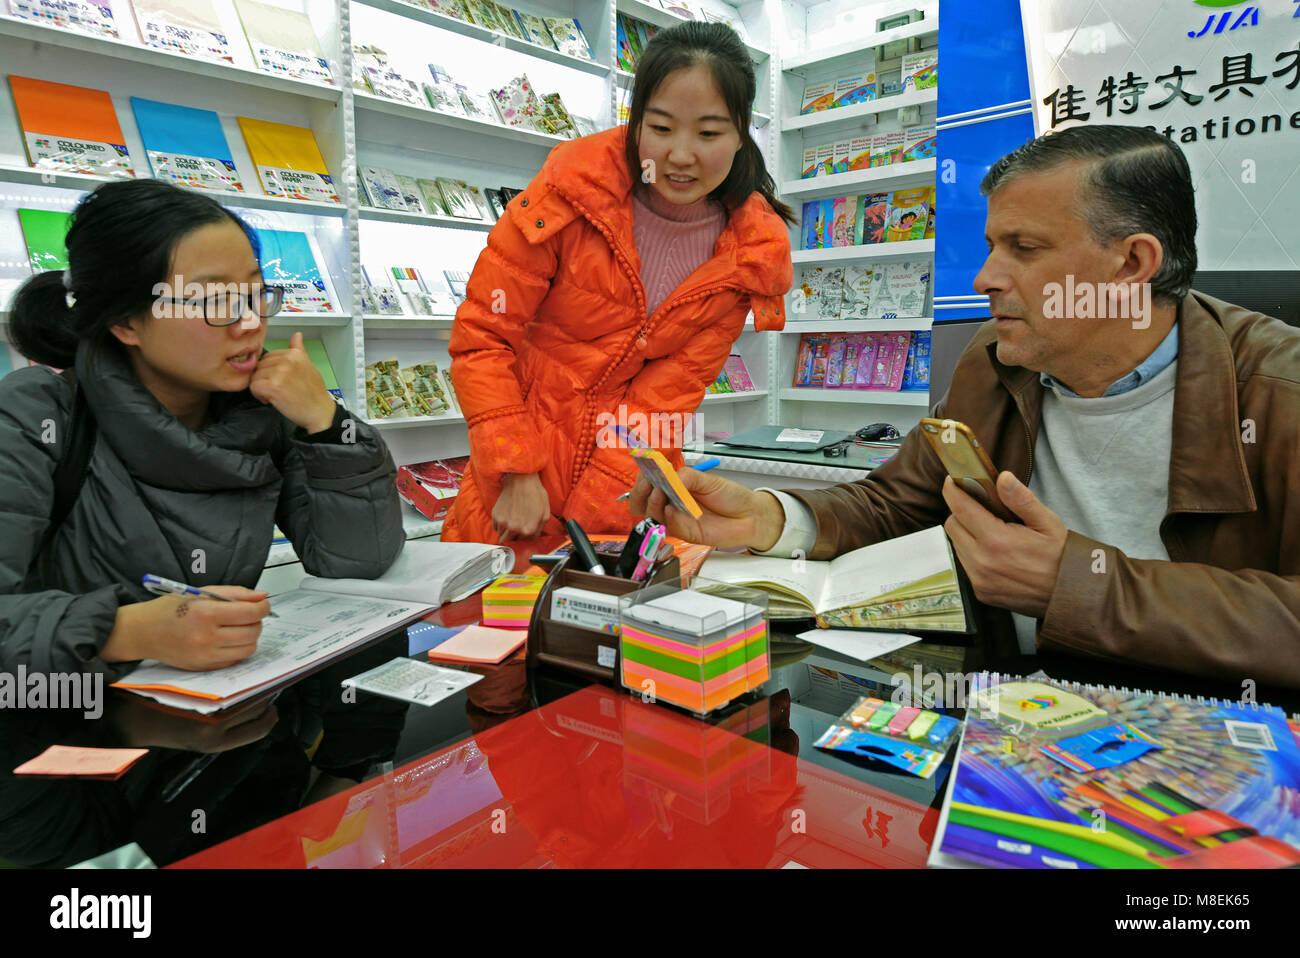 (180317) -- YIWU, 17 mars 2018 (Xinhua) -- affaires pakistanais Yousef Hamurerwi (1 t R) à la papeterie sélectionne Photo Stock